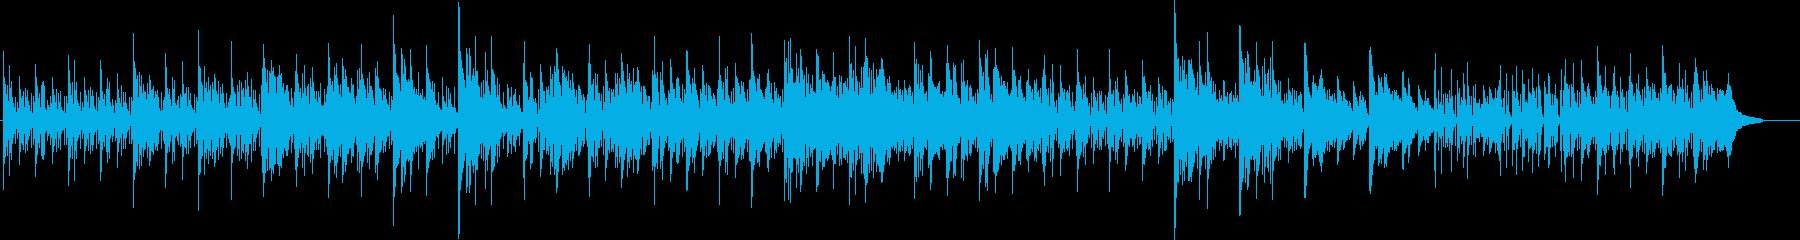 ピアノのやわらかく落ち着いた曲調の再生済みの波形